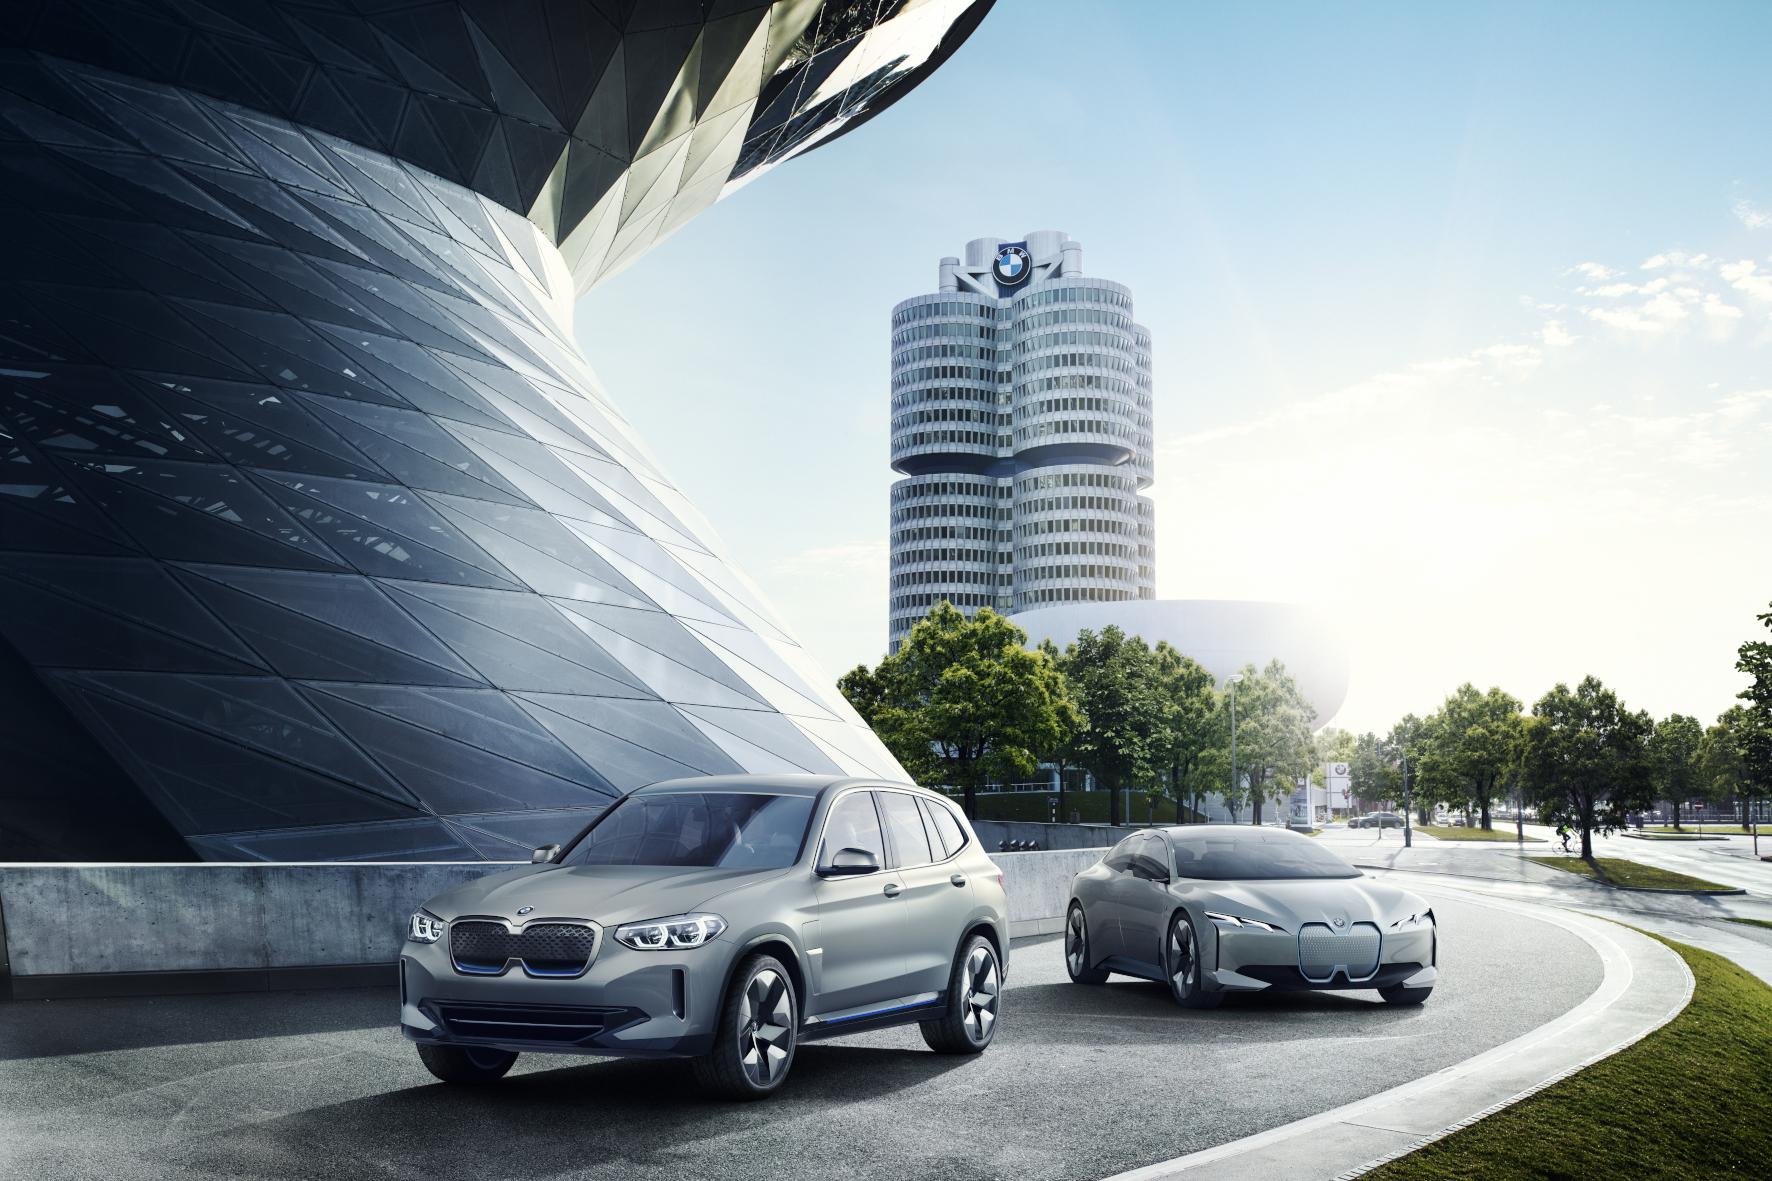 dena: Was wäre, wenn die höheren Preise für Elektroautos nicht wären?